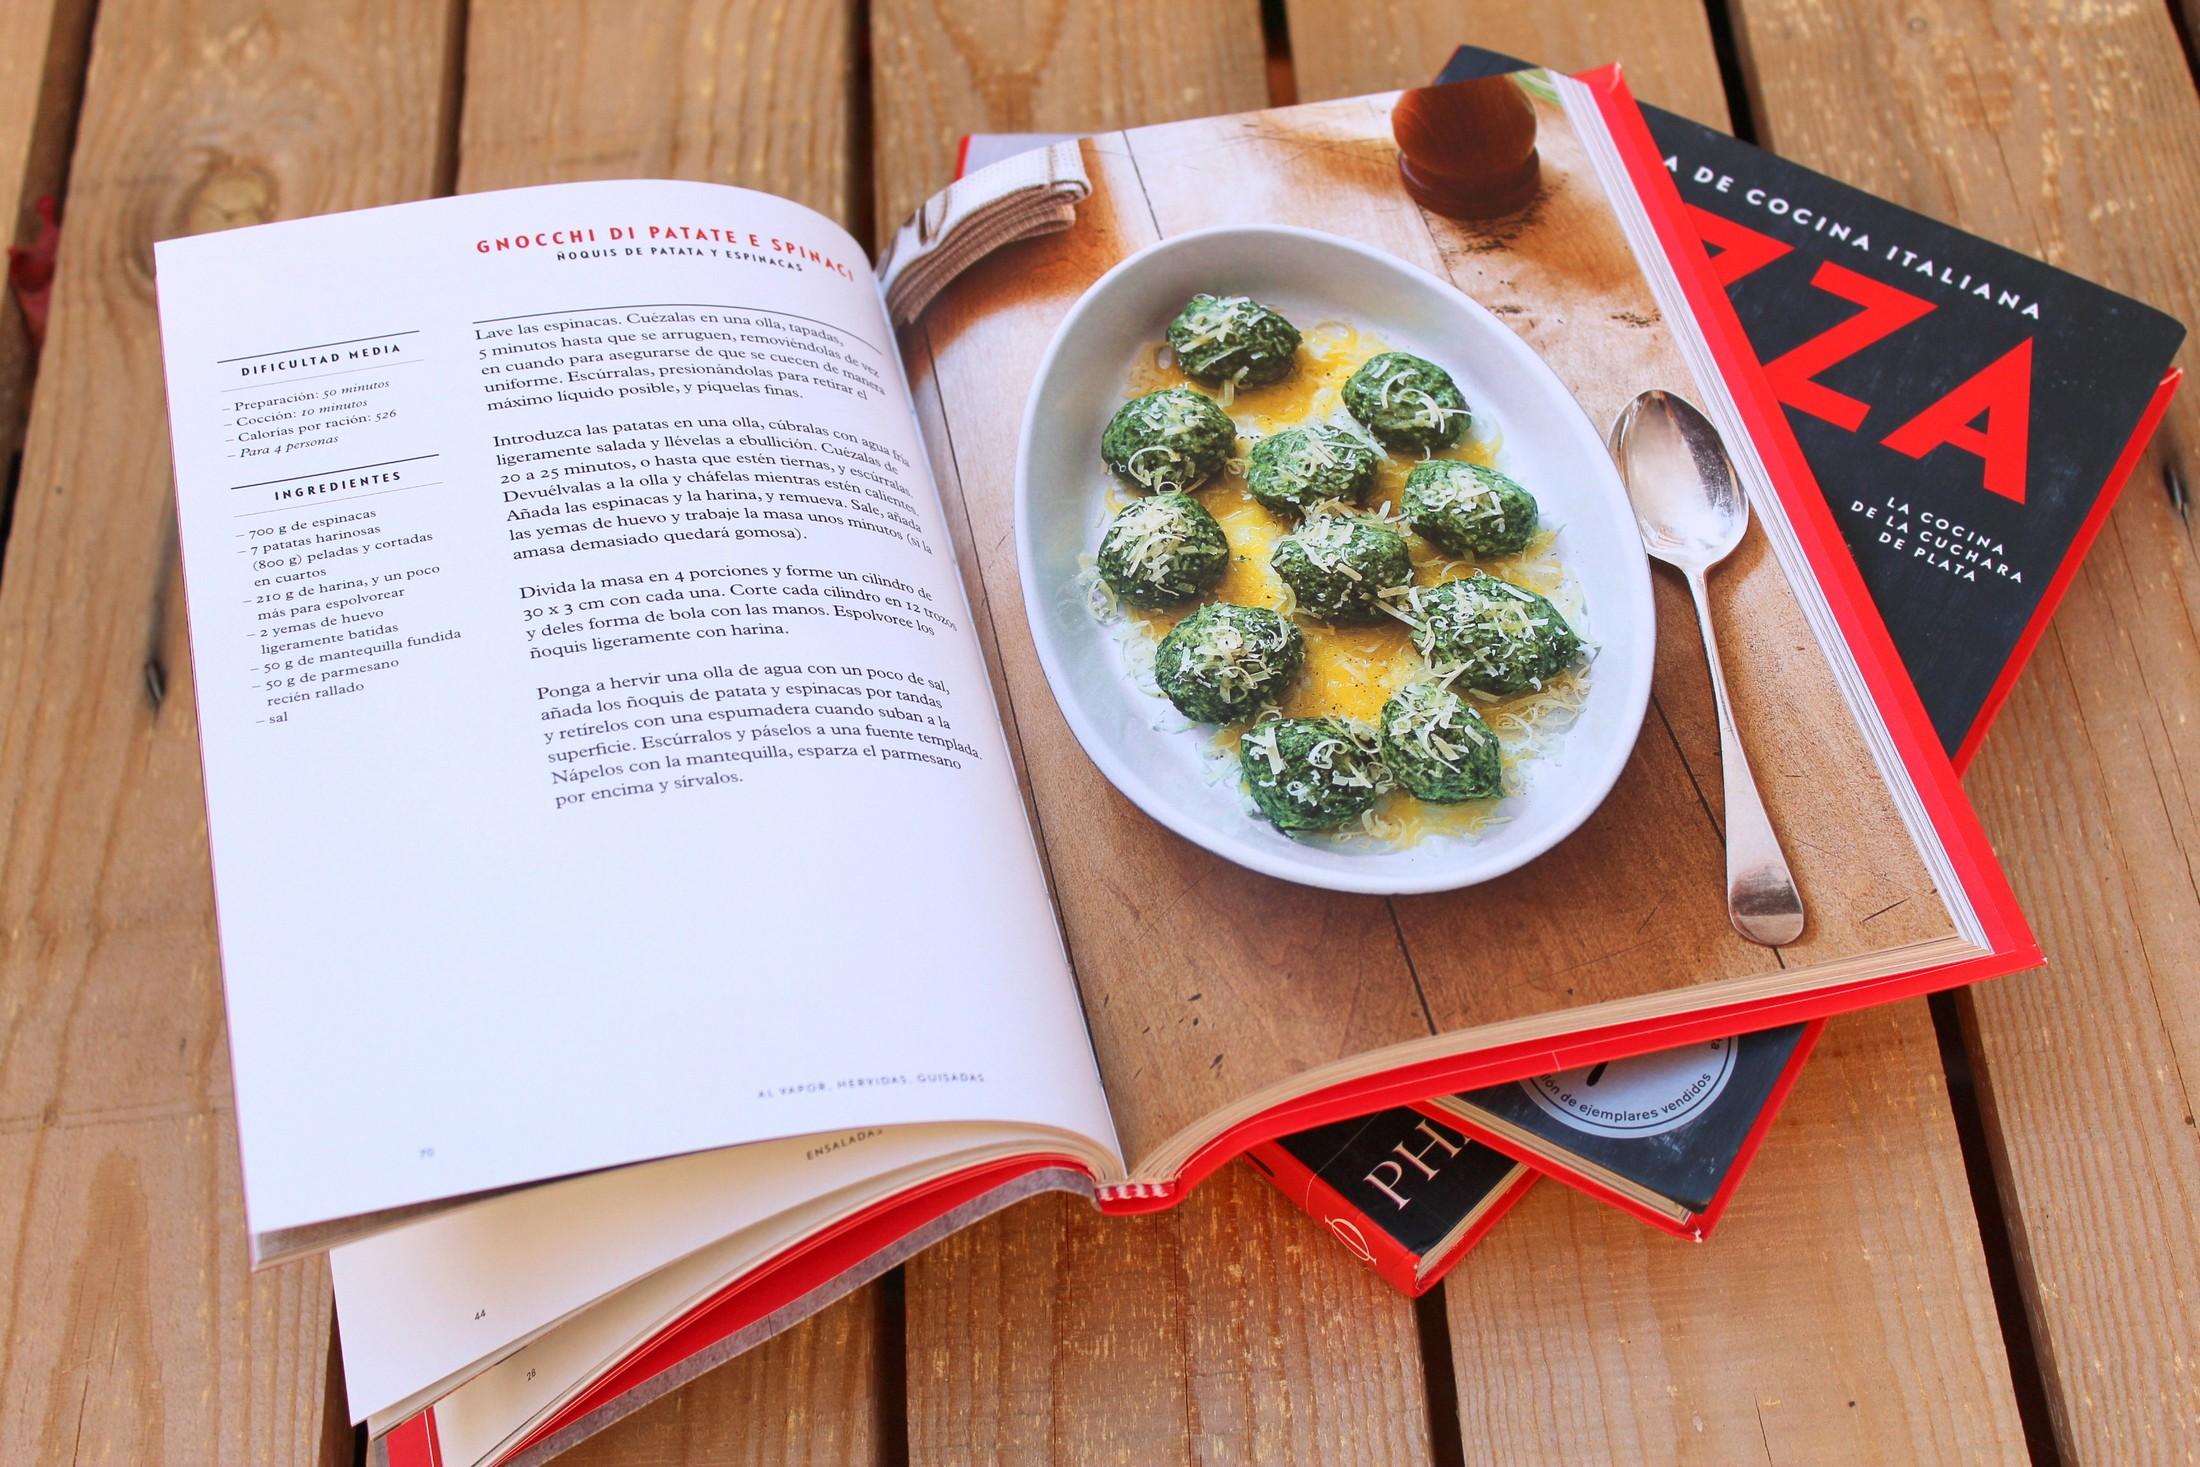 Escuela de cocina italiana verduras con deliciosos y - Escuela de cocina vegetariana ...